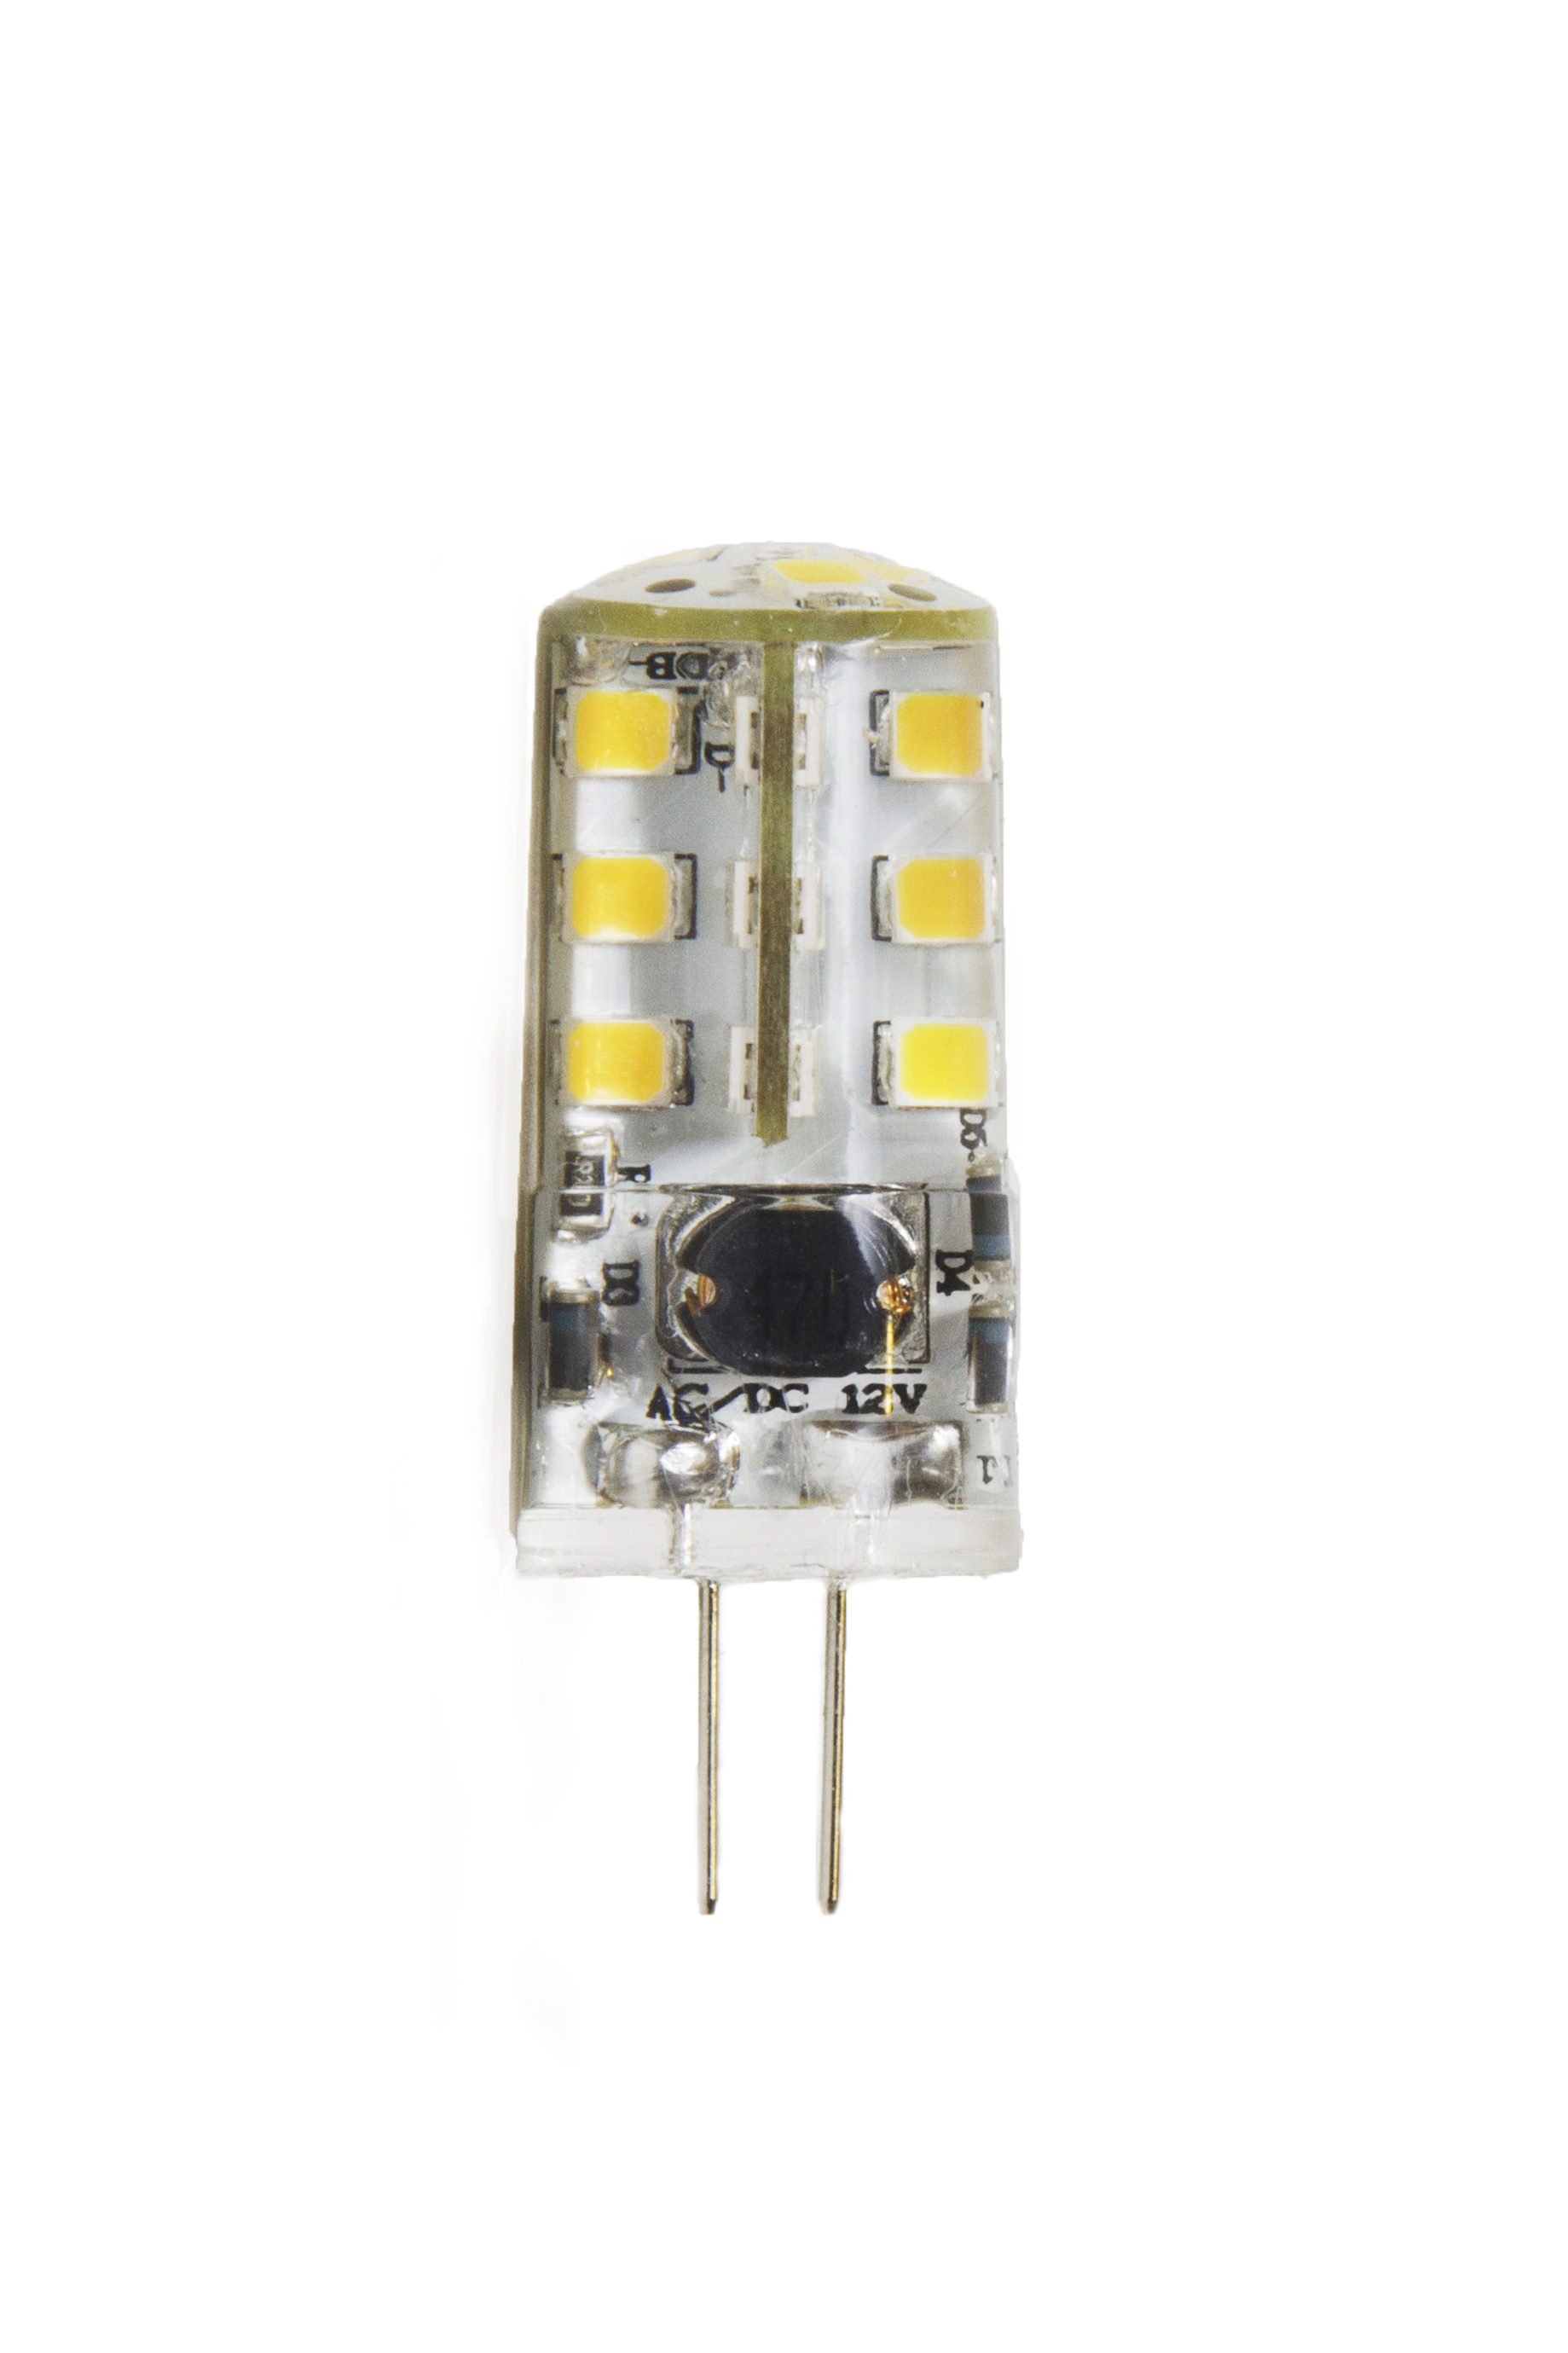 Светодиодная лампа Виктел BK-4B5ЕЕТ, G4, 5Вт, 3000K, 360градусов, 12V